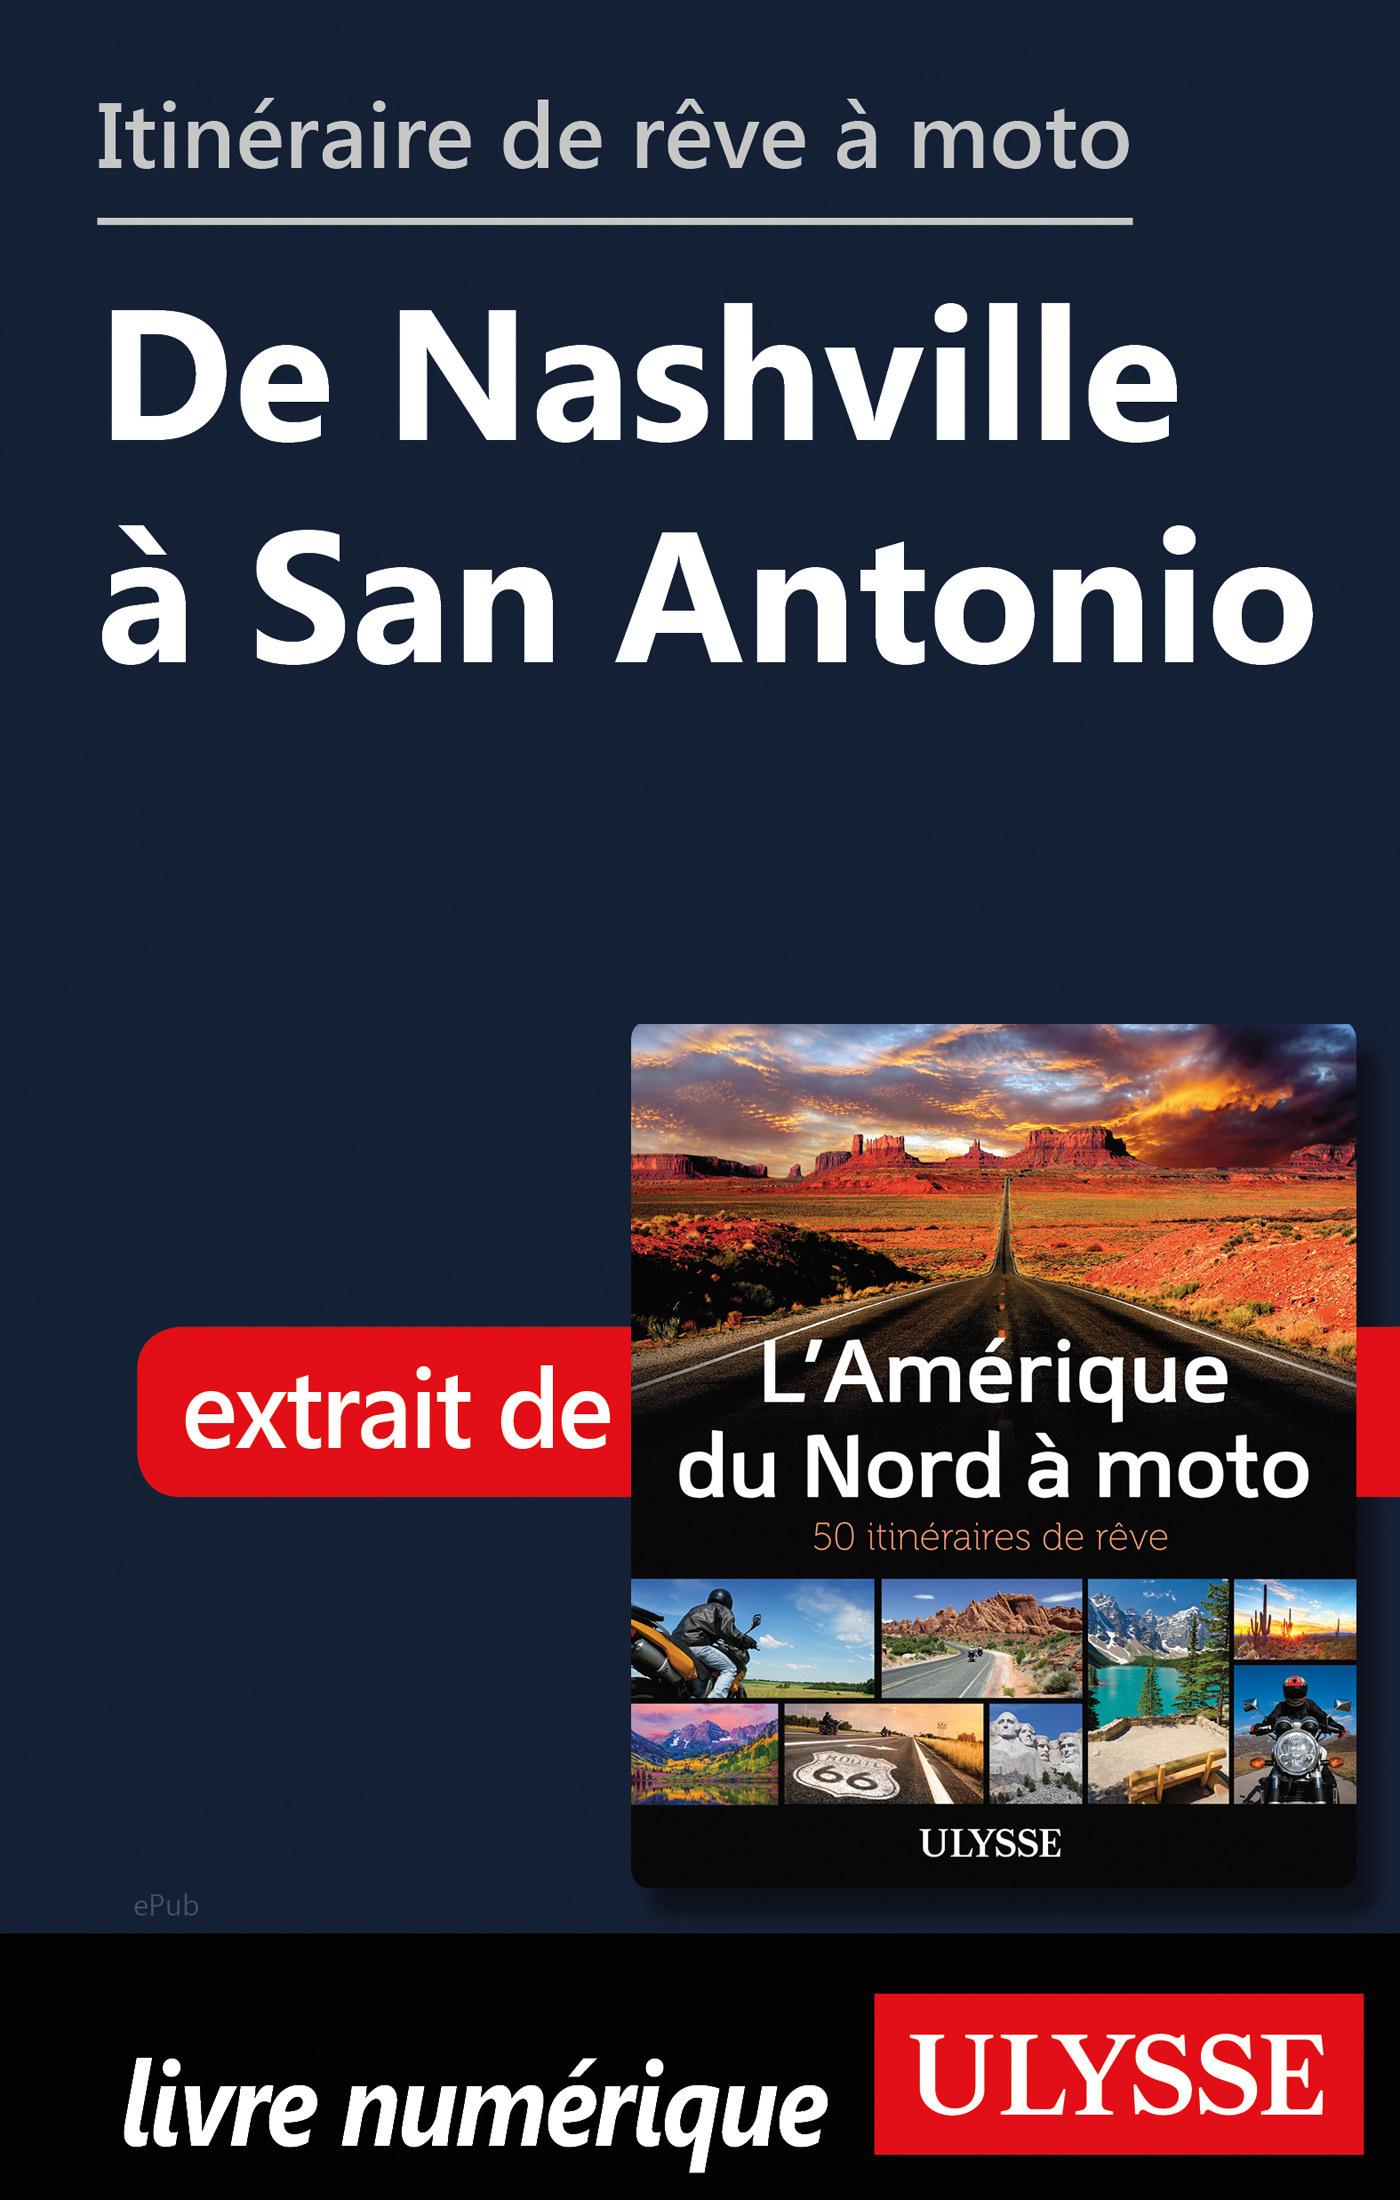 Itinéraire de rêve à moto - De Nashville à San Antonio